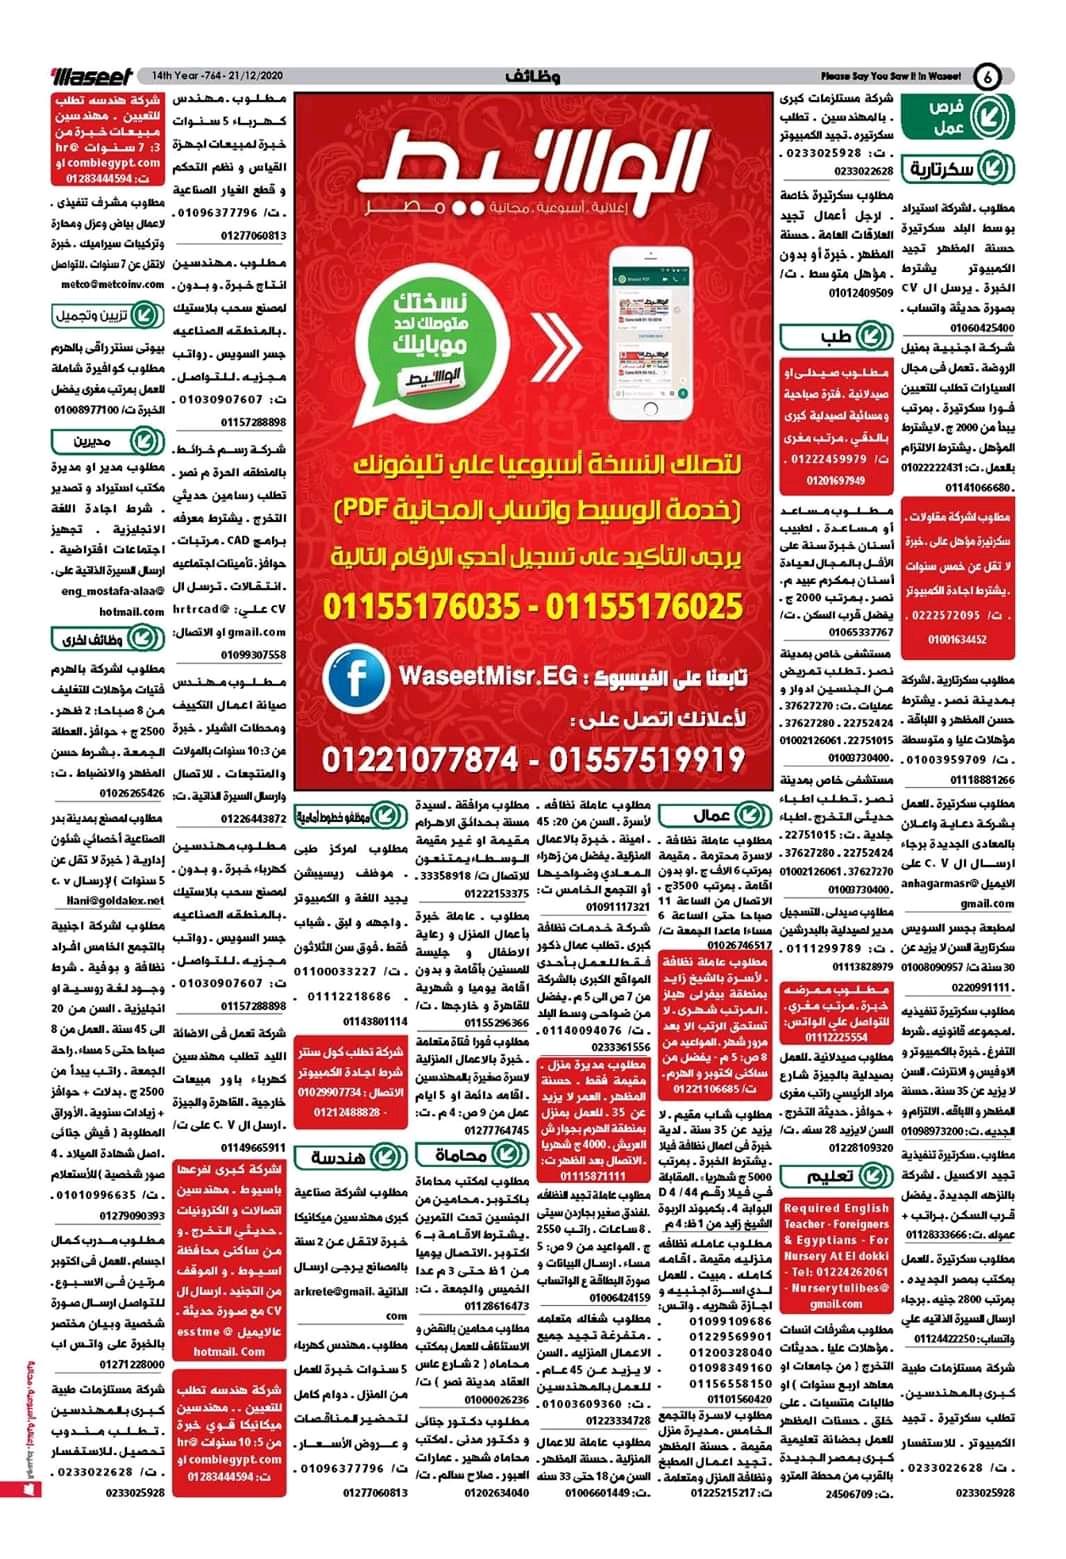 وظائف الوسيط و اعلانات مصر الاثنين 21 ديسمبر 2020